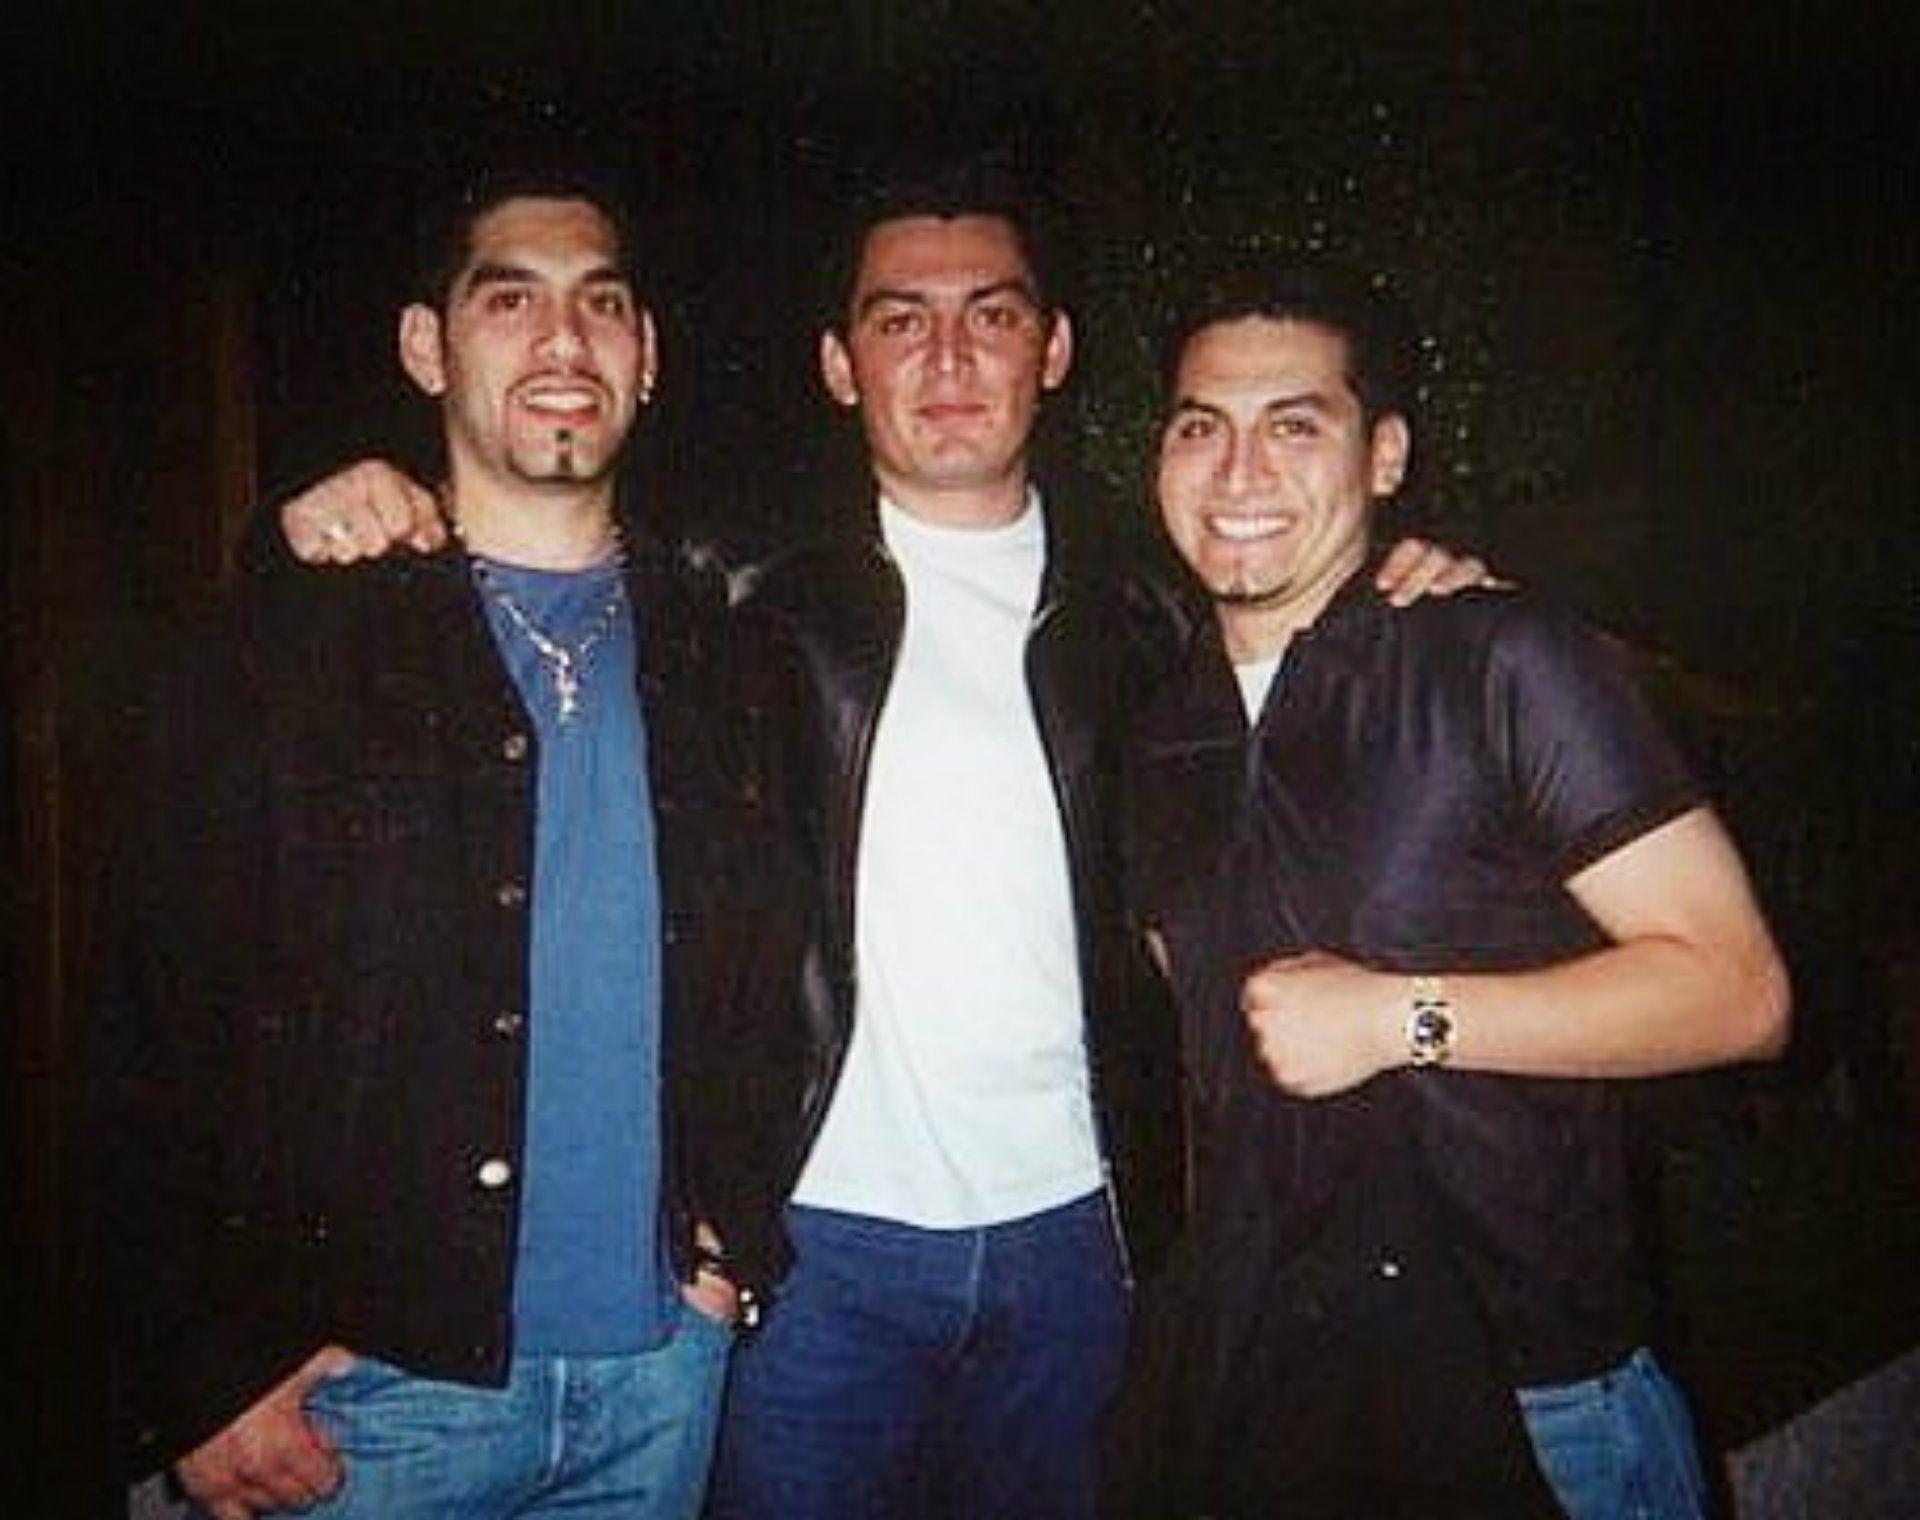 En mayo de 2016, José Manuel Figueroa publicó en Instagram una fotografía para recordar a sus fallecidos hermanos Juan Sebastián y Trigo